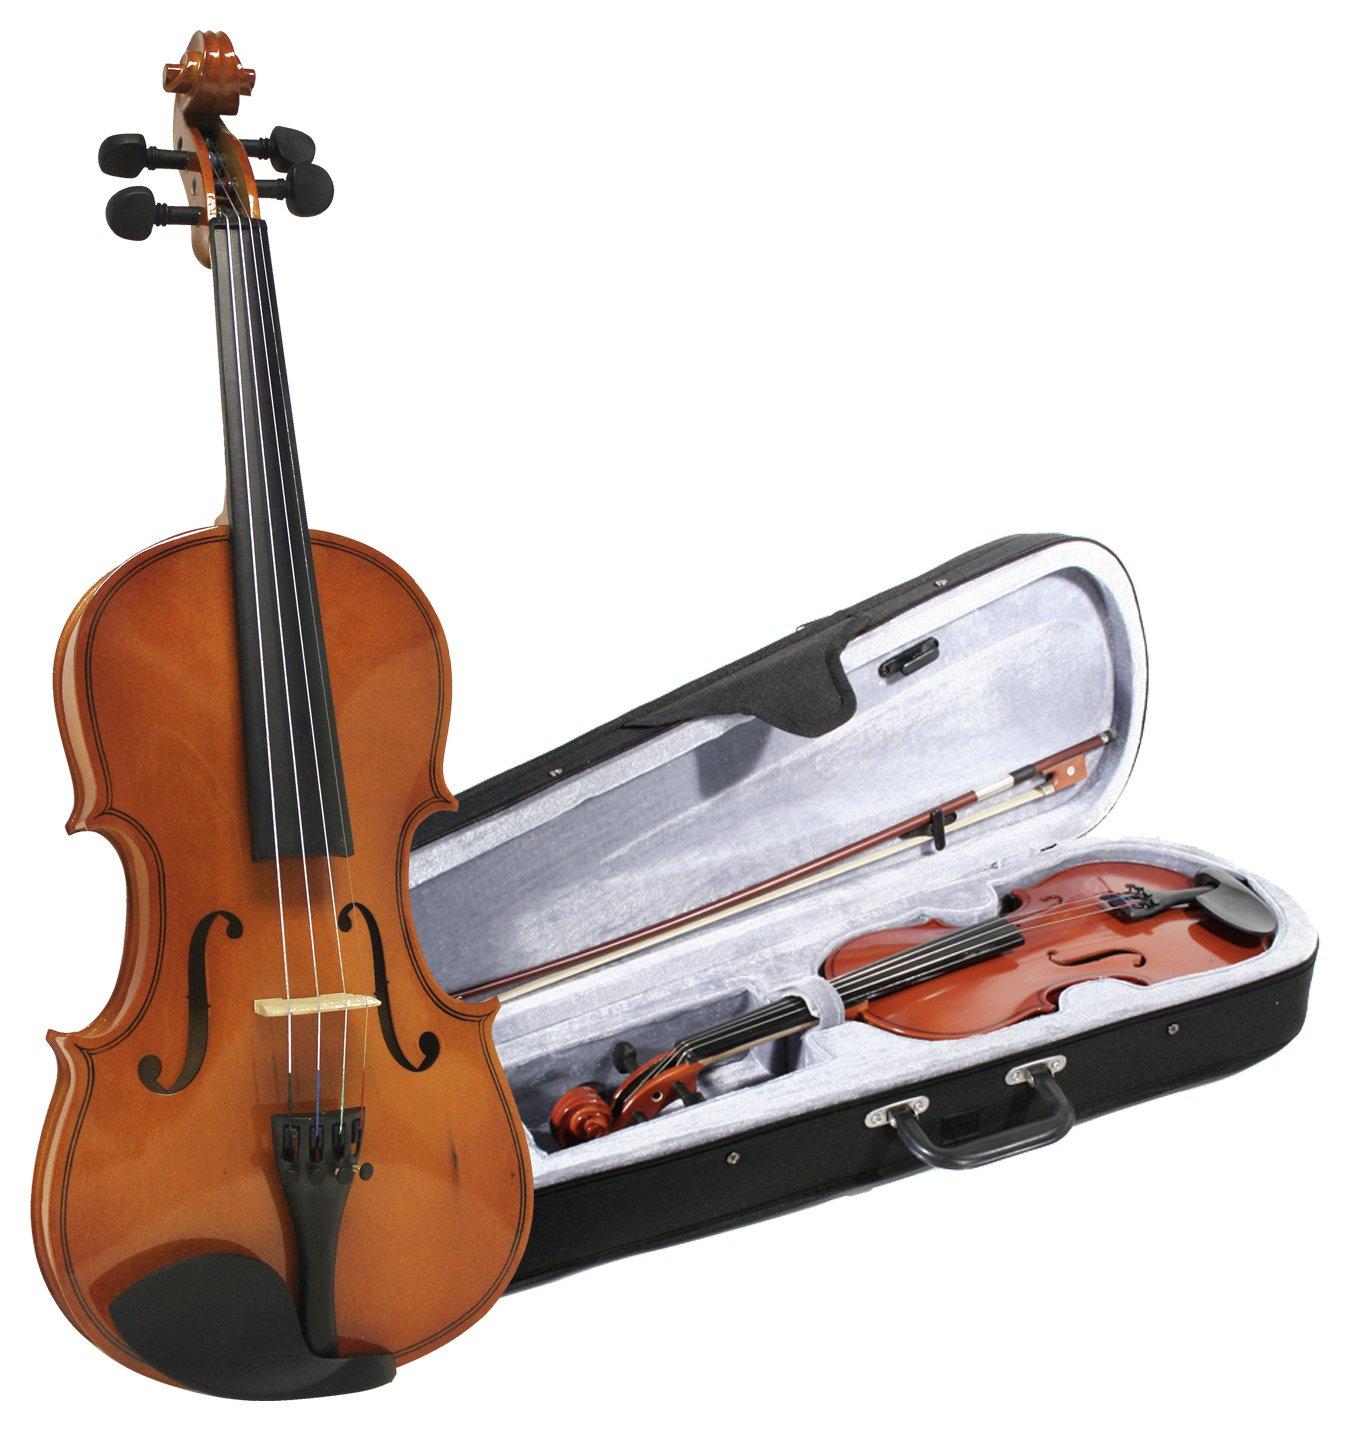 Image of Windsor - Violin - 1/2 Size